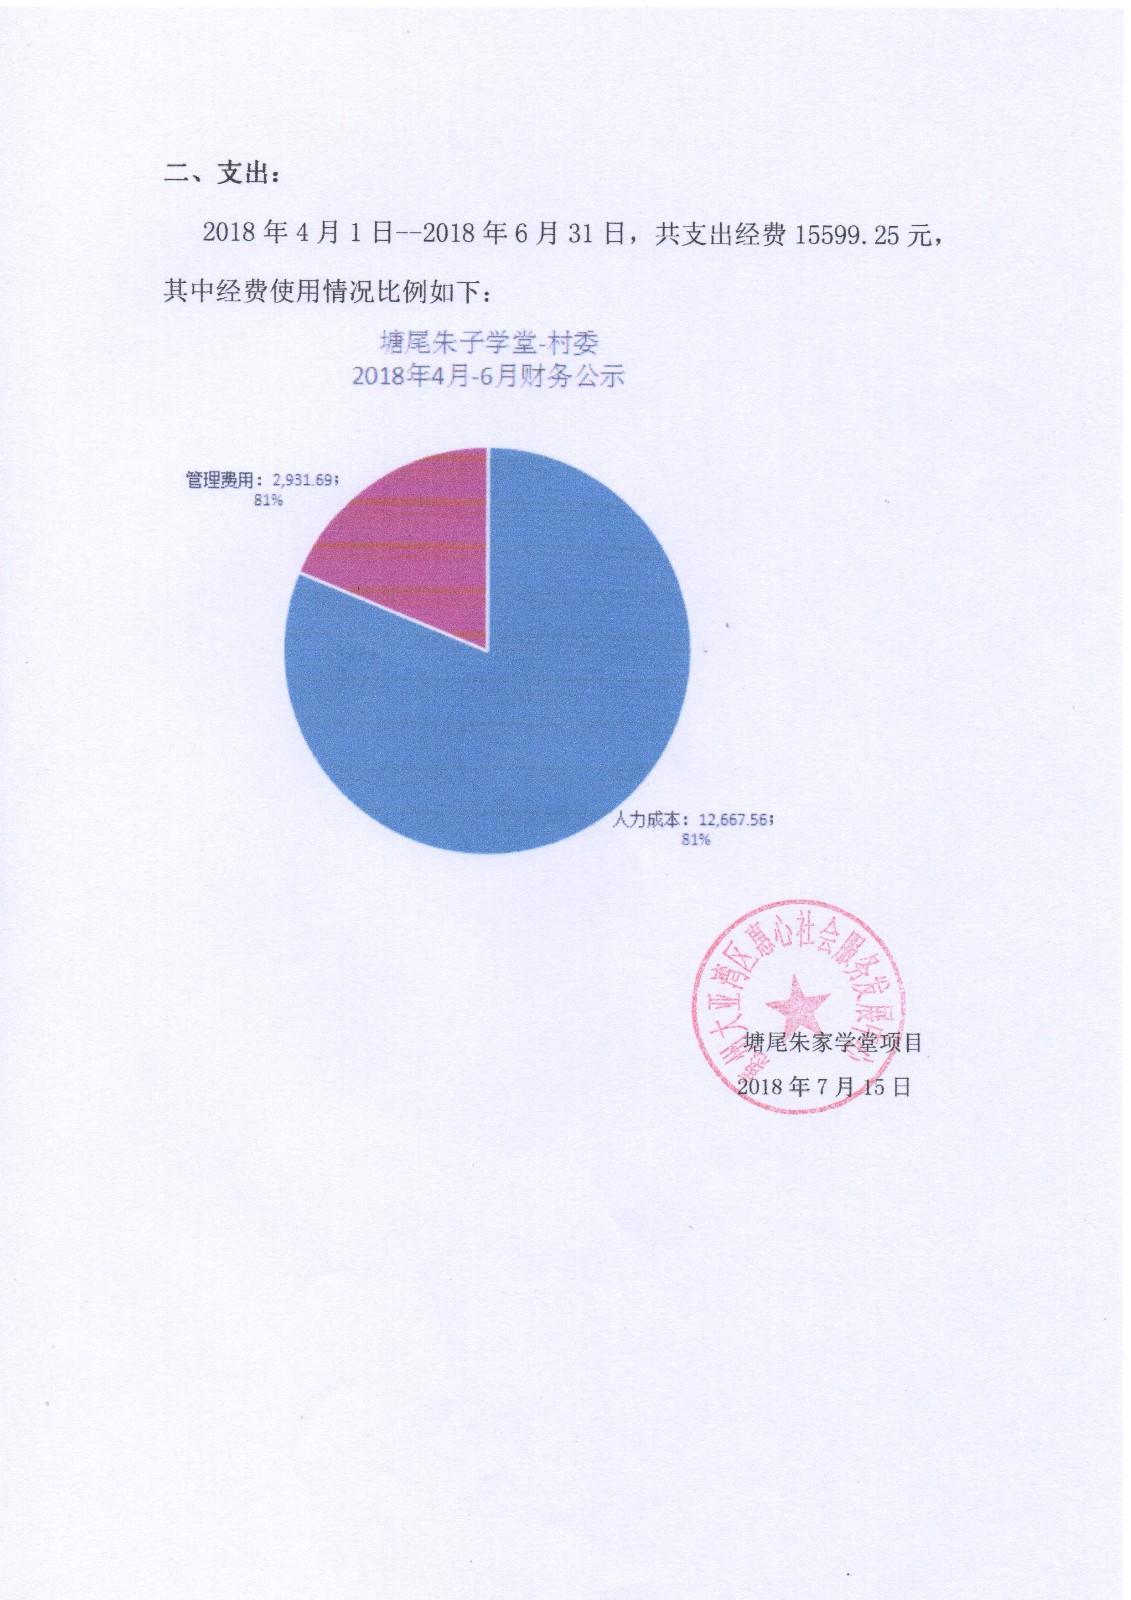 朱子学堂财务公示村委第三季度 公告栏-网赌ag作弊器 官网